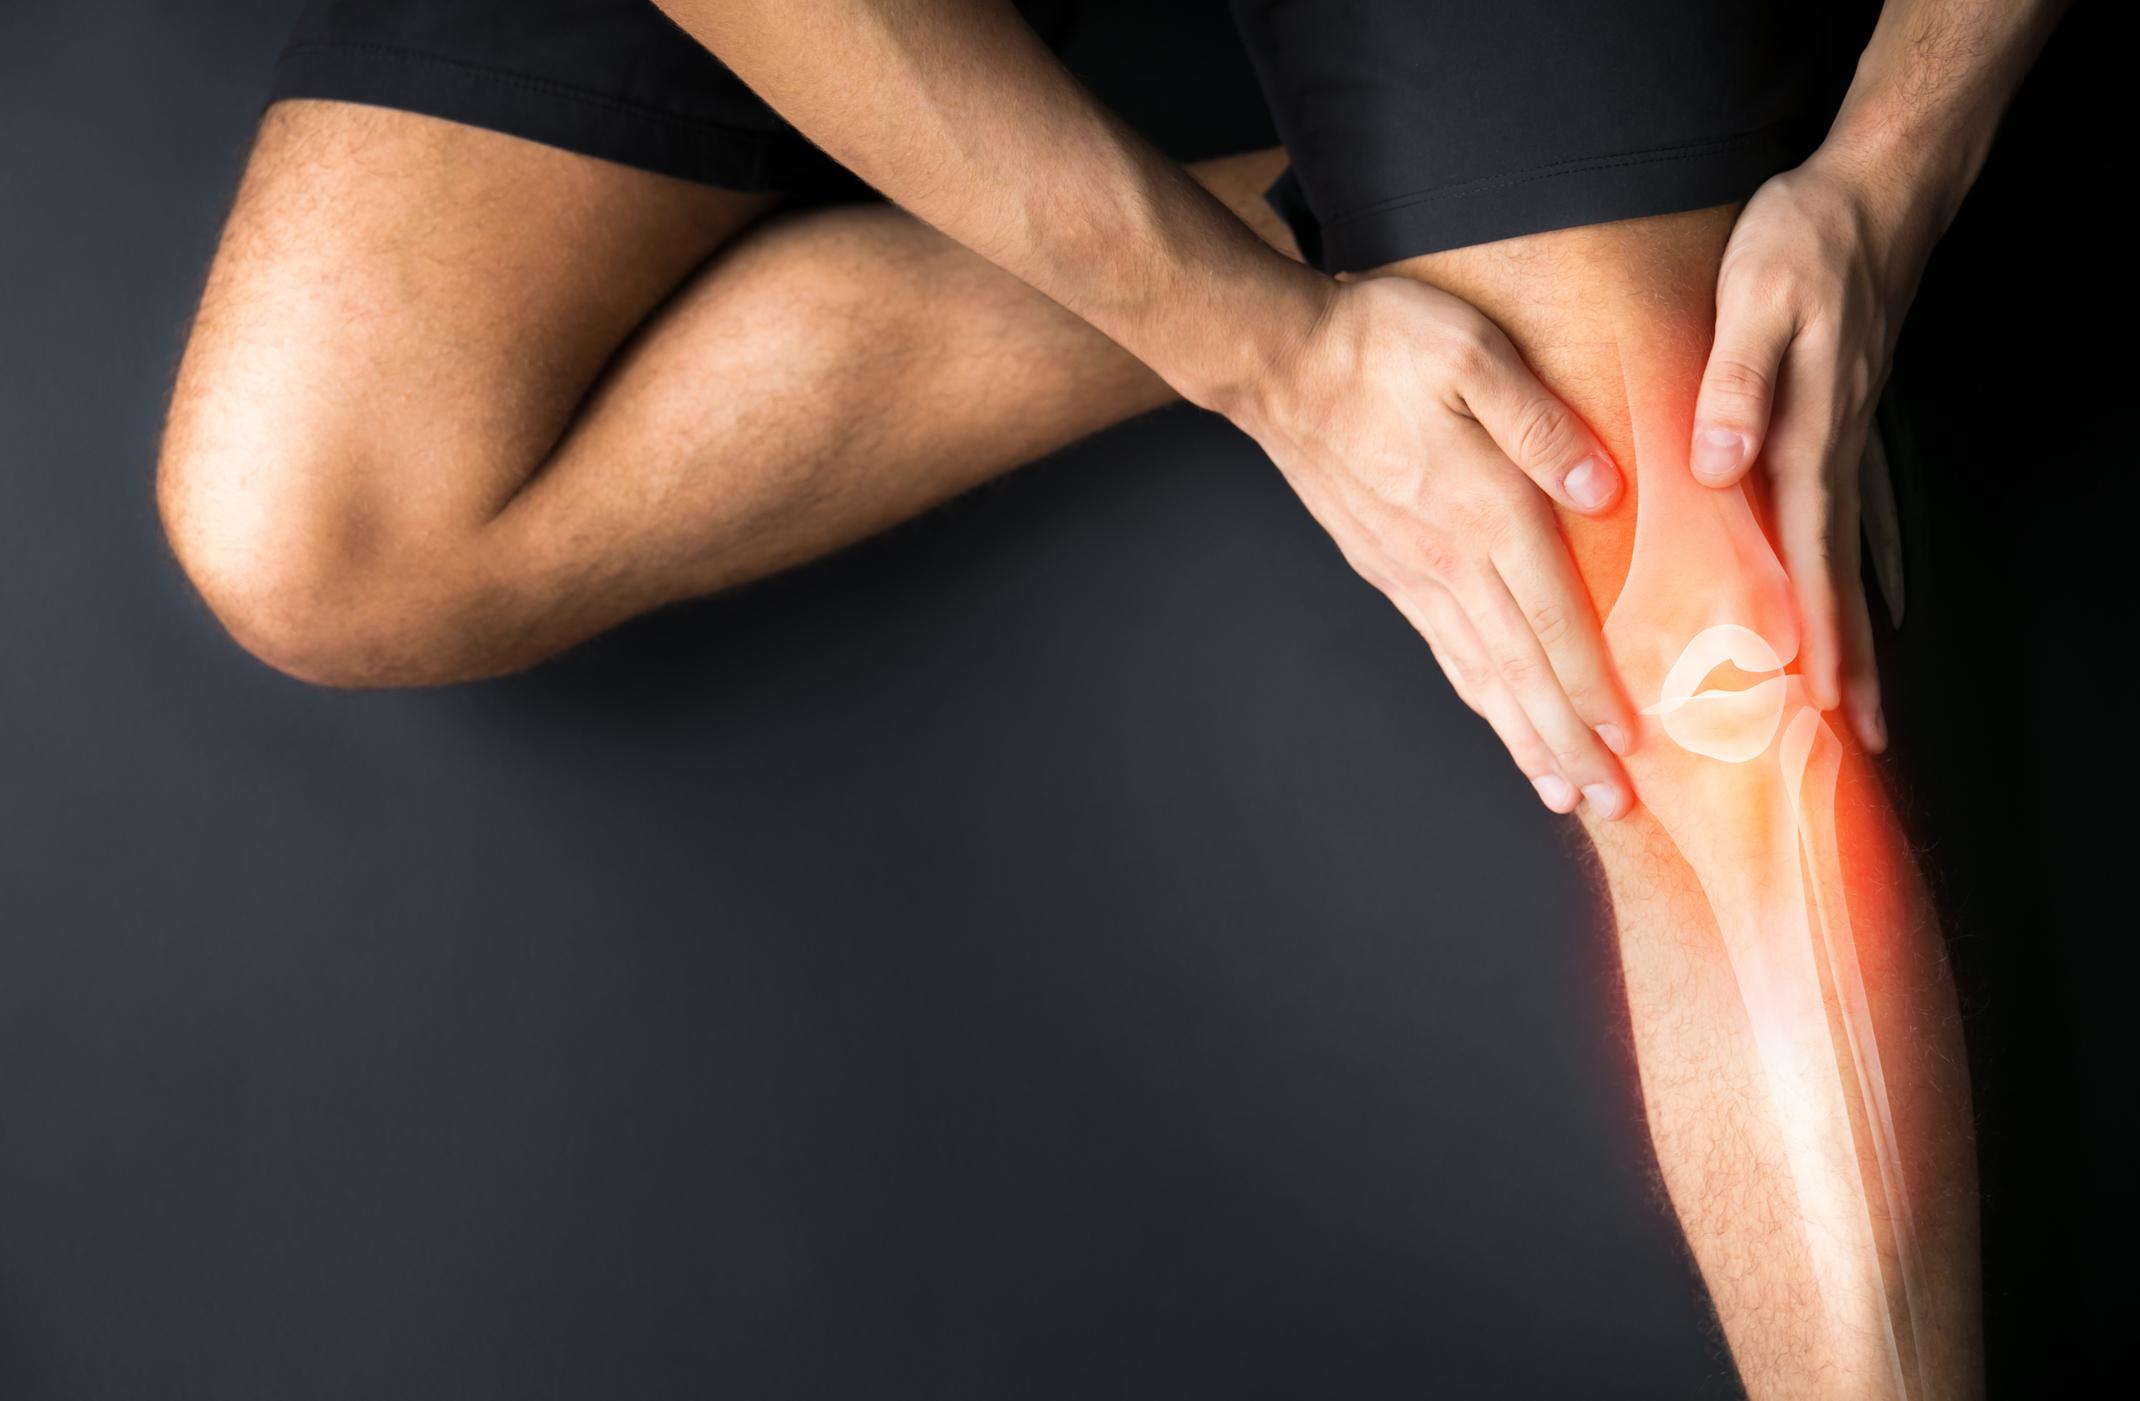 Парафинотерапия для рук — что такое, польза и пошаговая инструкция